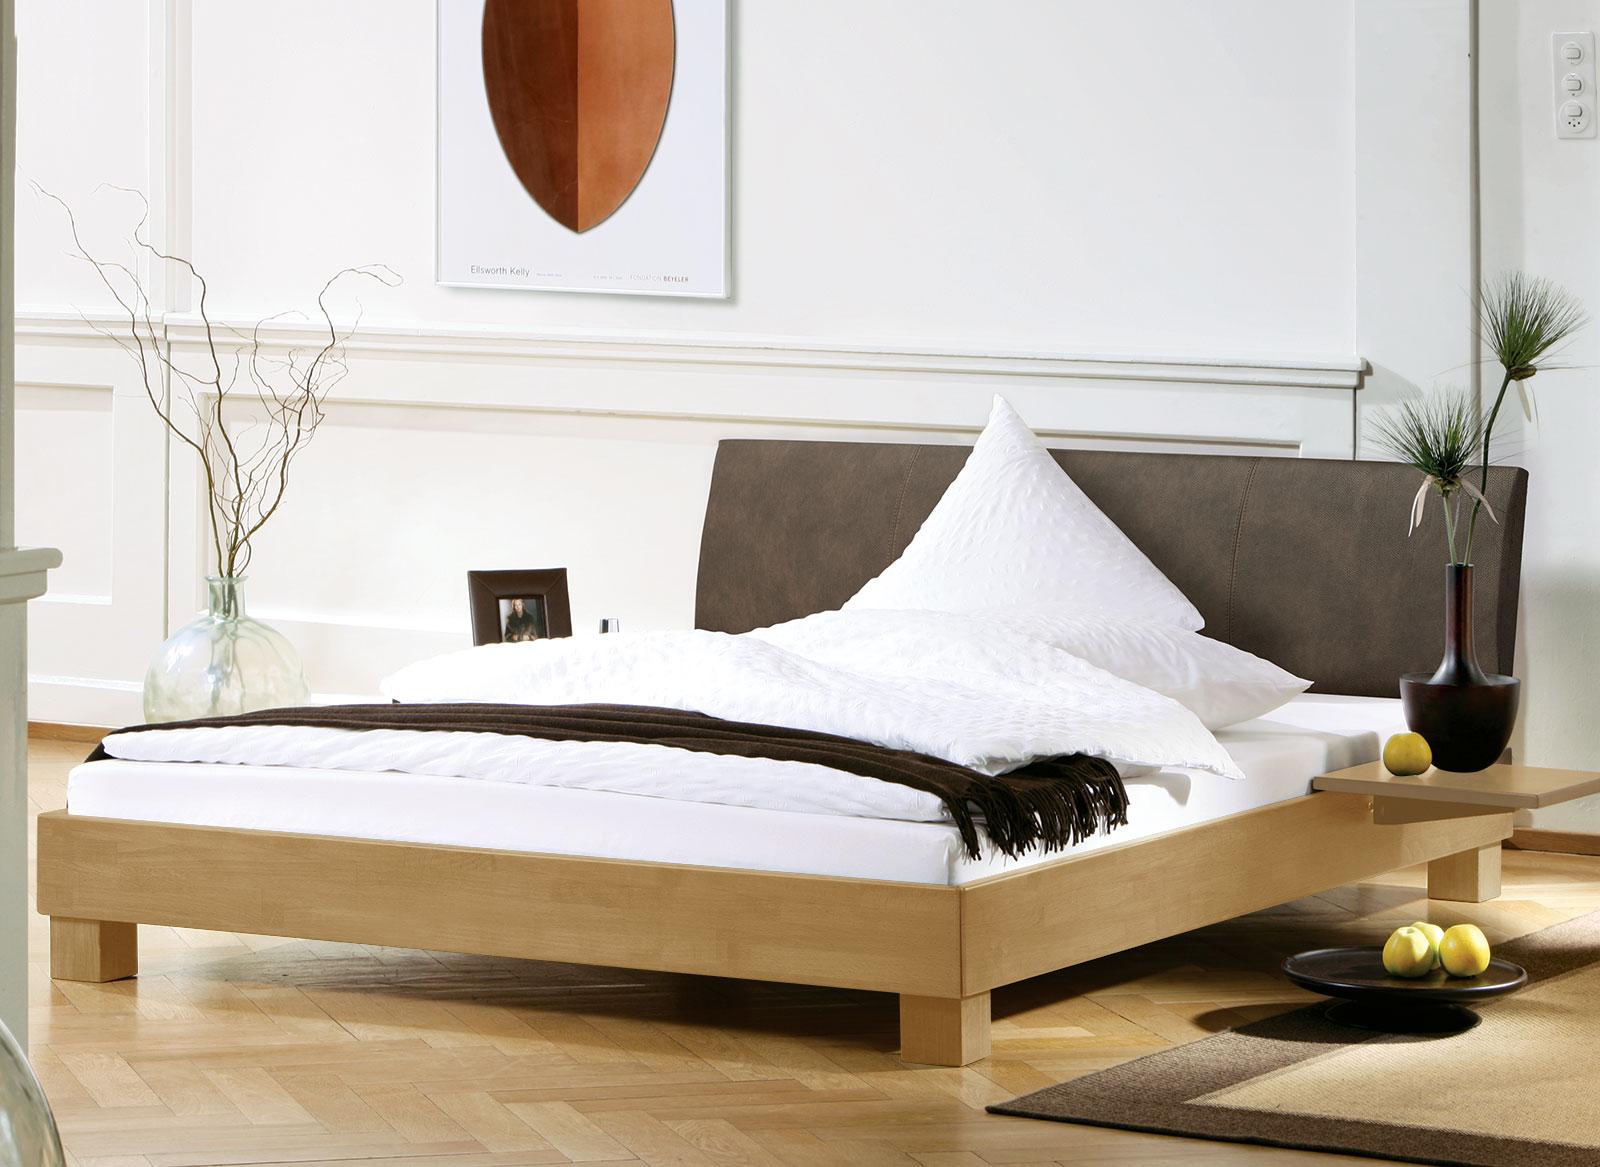 Full Size of Betten Aus Holz Bett Mit Schubladen 180x200 Schwarz Günstige 160x200 Französische Selber Bauen 140x200 Balken Liegehöhe 60 Cm Hülsta Ausziehbares Möbel Bett Rückenlehne Bett